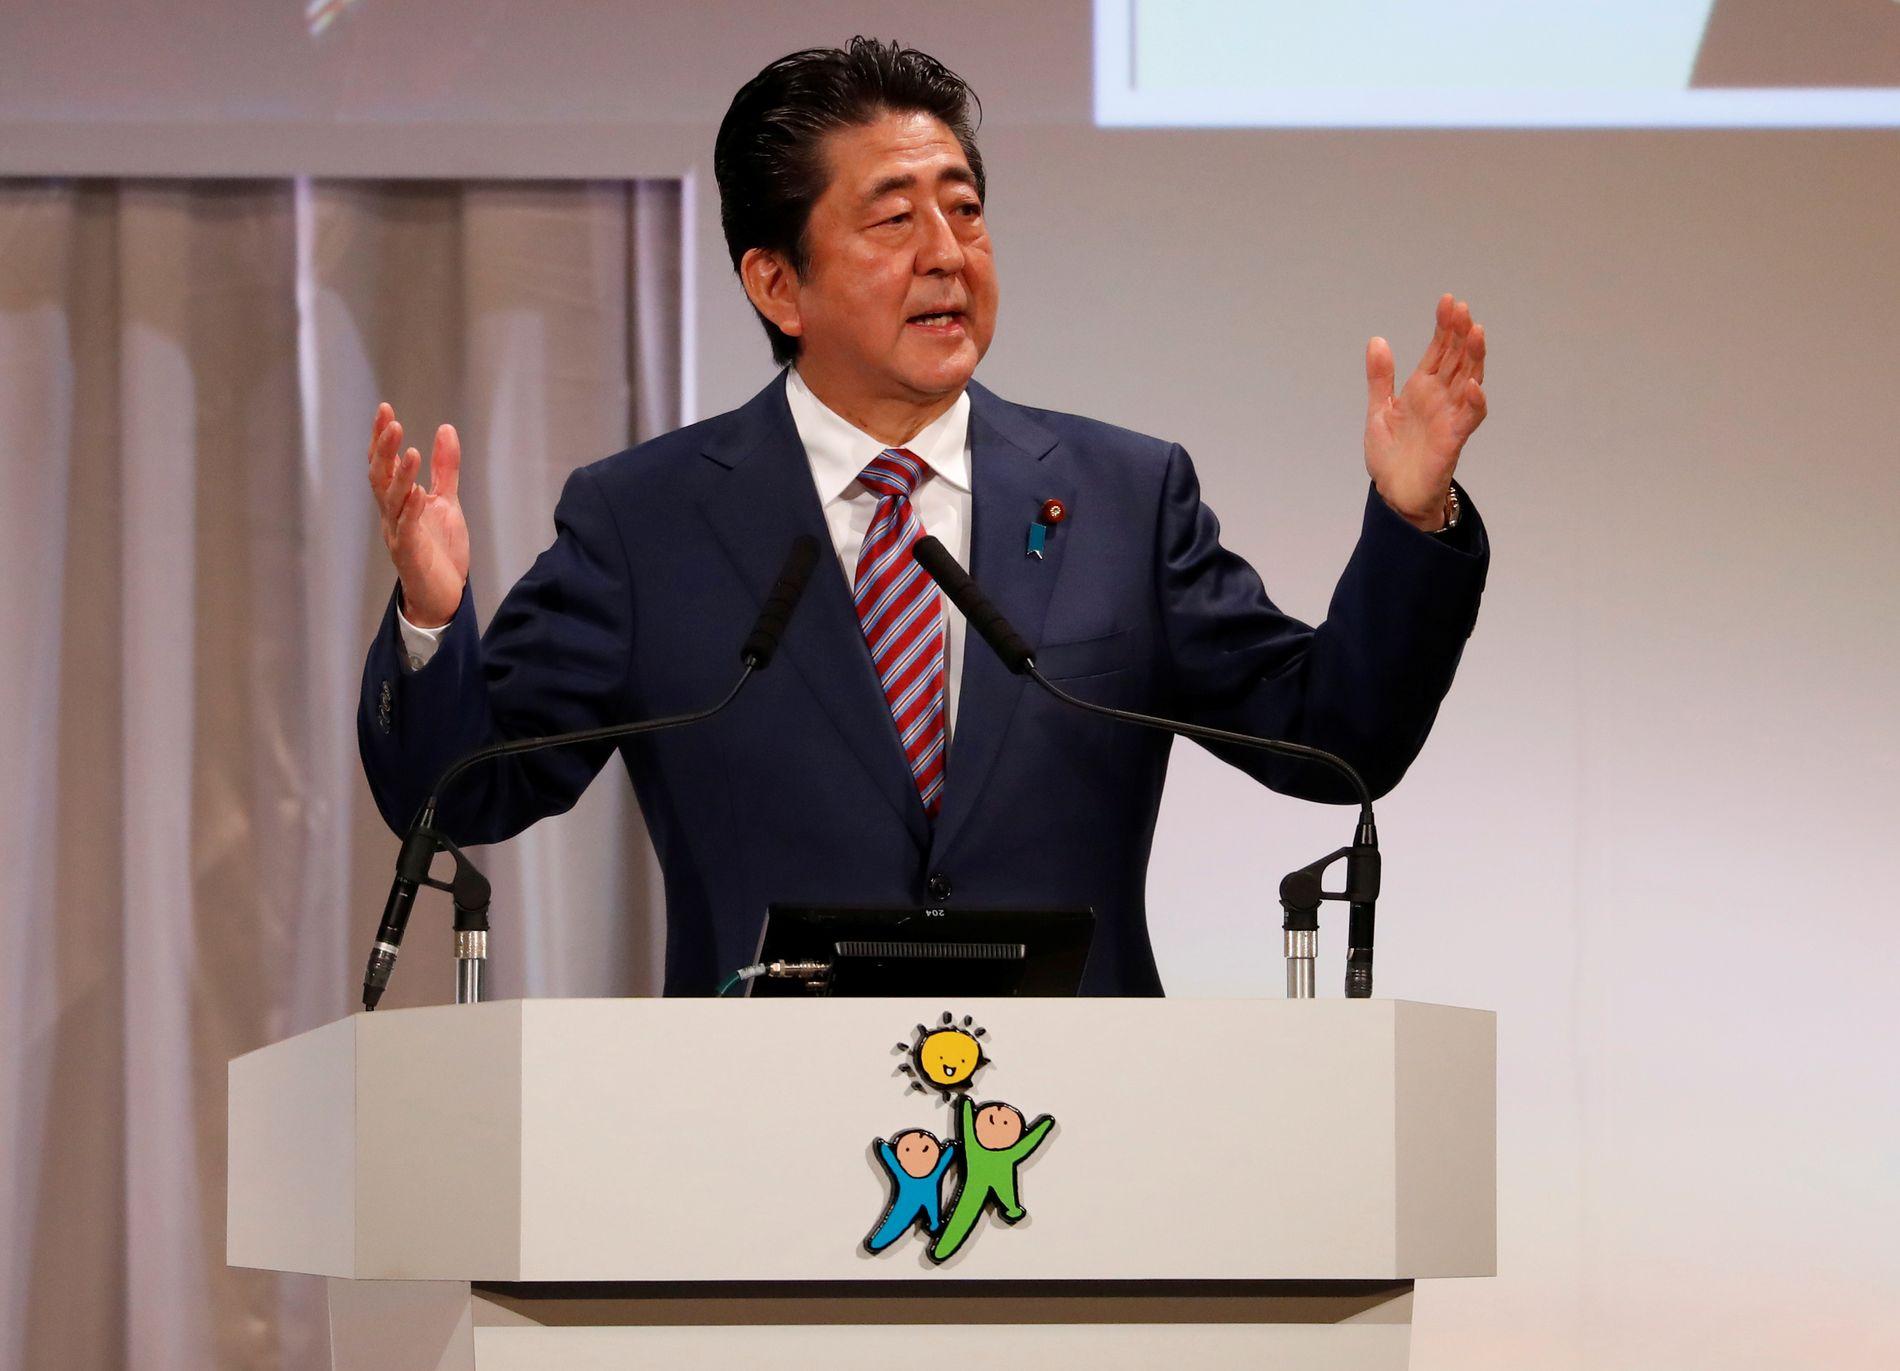 JAPAN: Den sittende statsministeren Shinzo Abe kan gå løs på sin tredje treårsperiode etter det kommende valget av leder i regjeringspartiet LDP, skriver innsender.